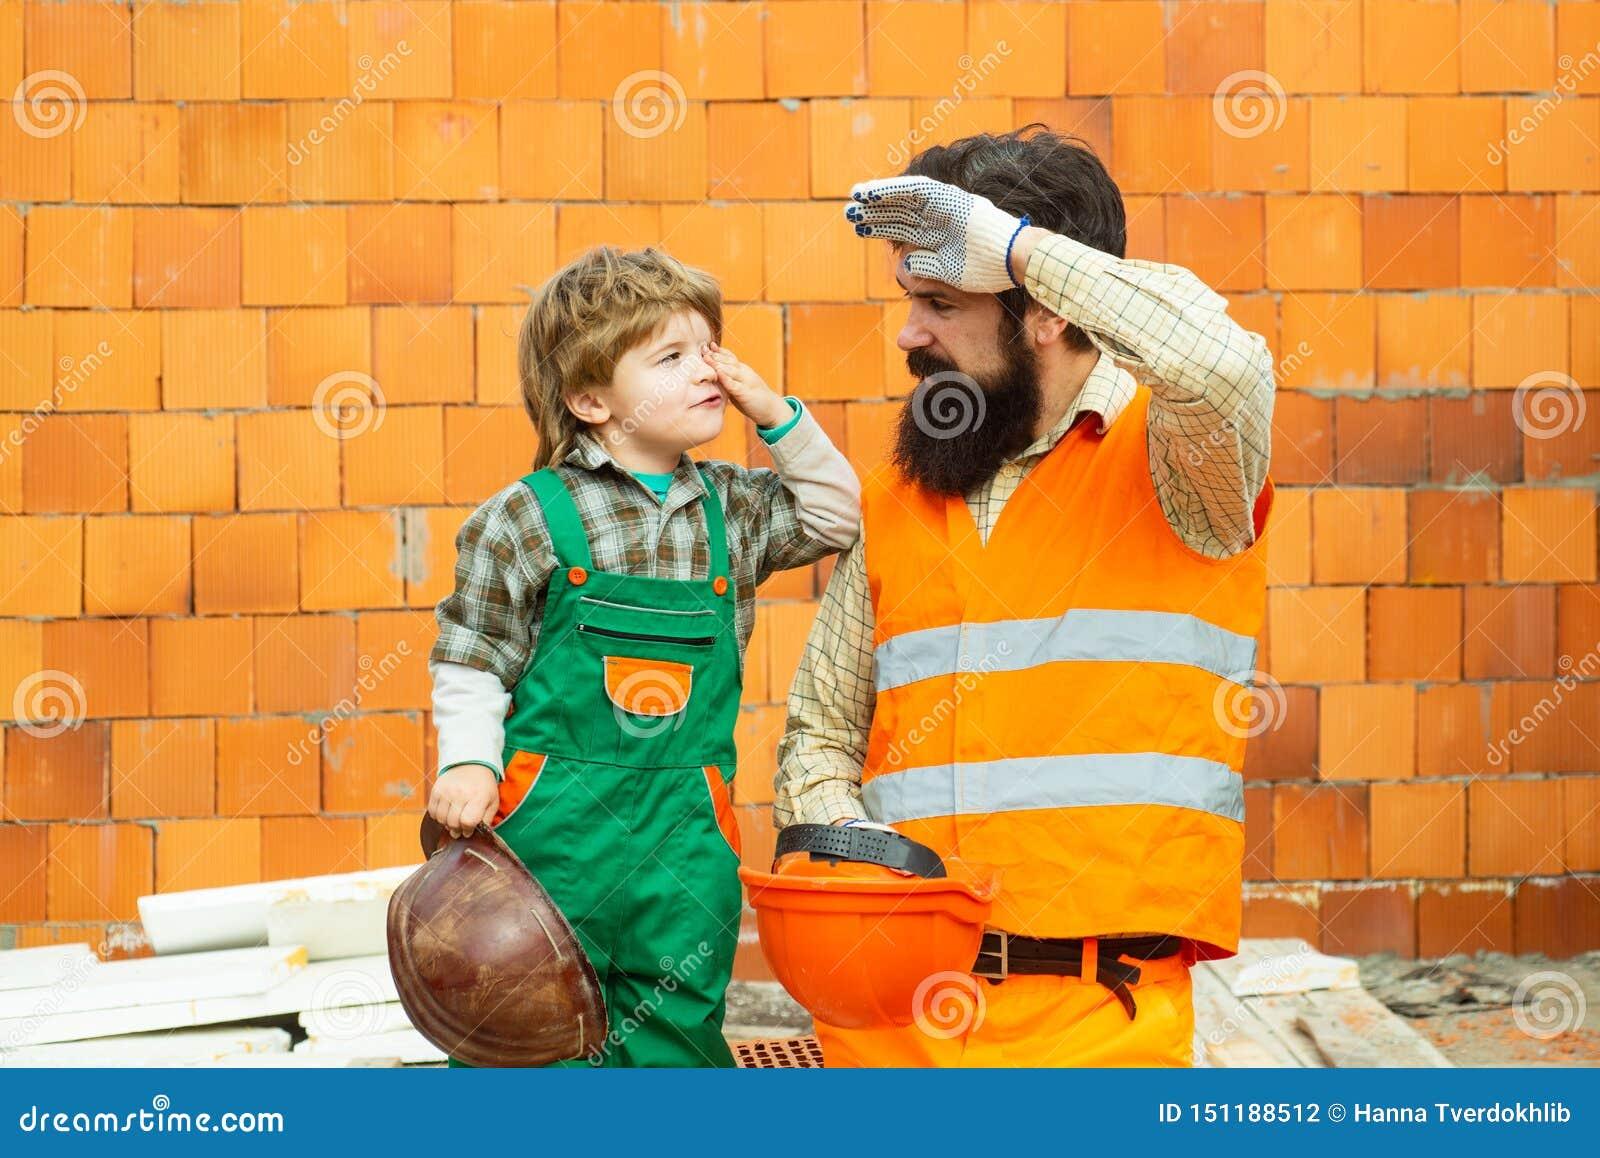 ?? ?? 建造者队是疲乏在工作 一个人和一个男孩建造者衣服的